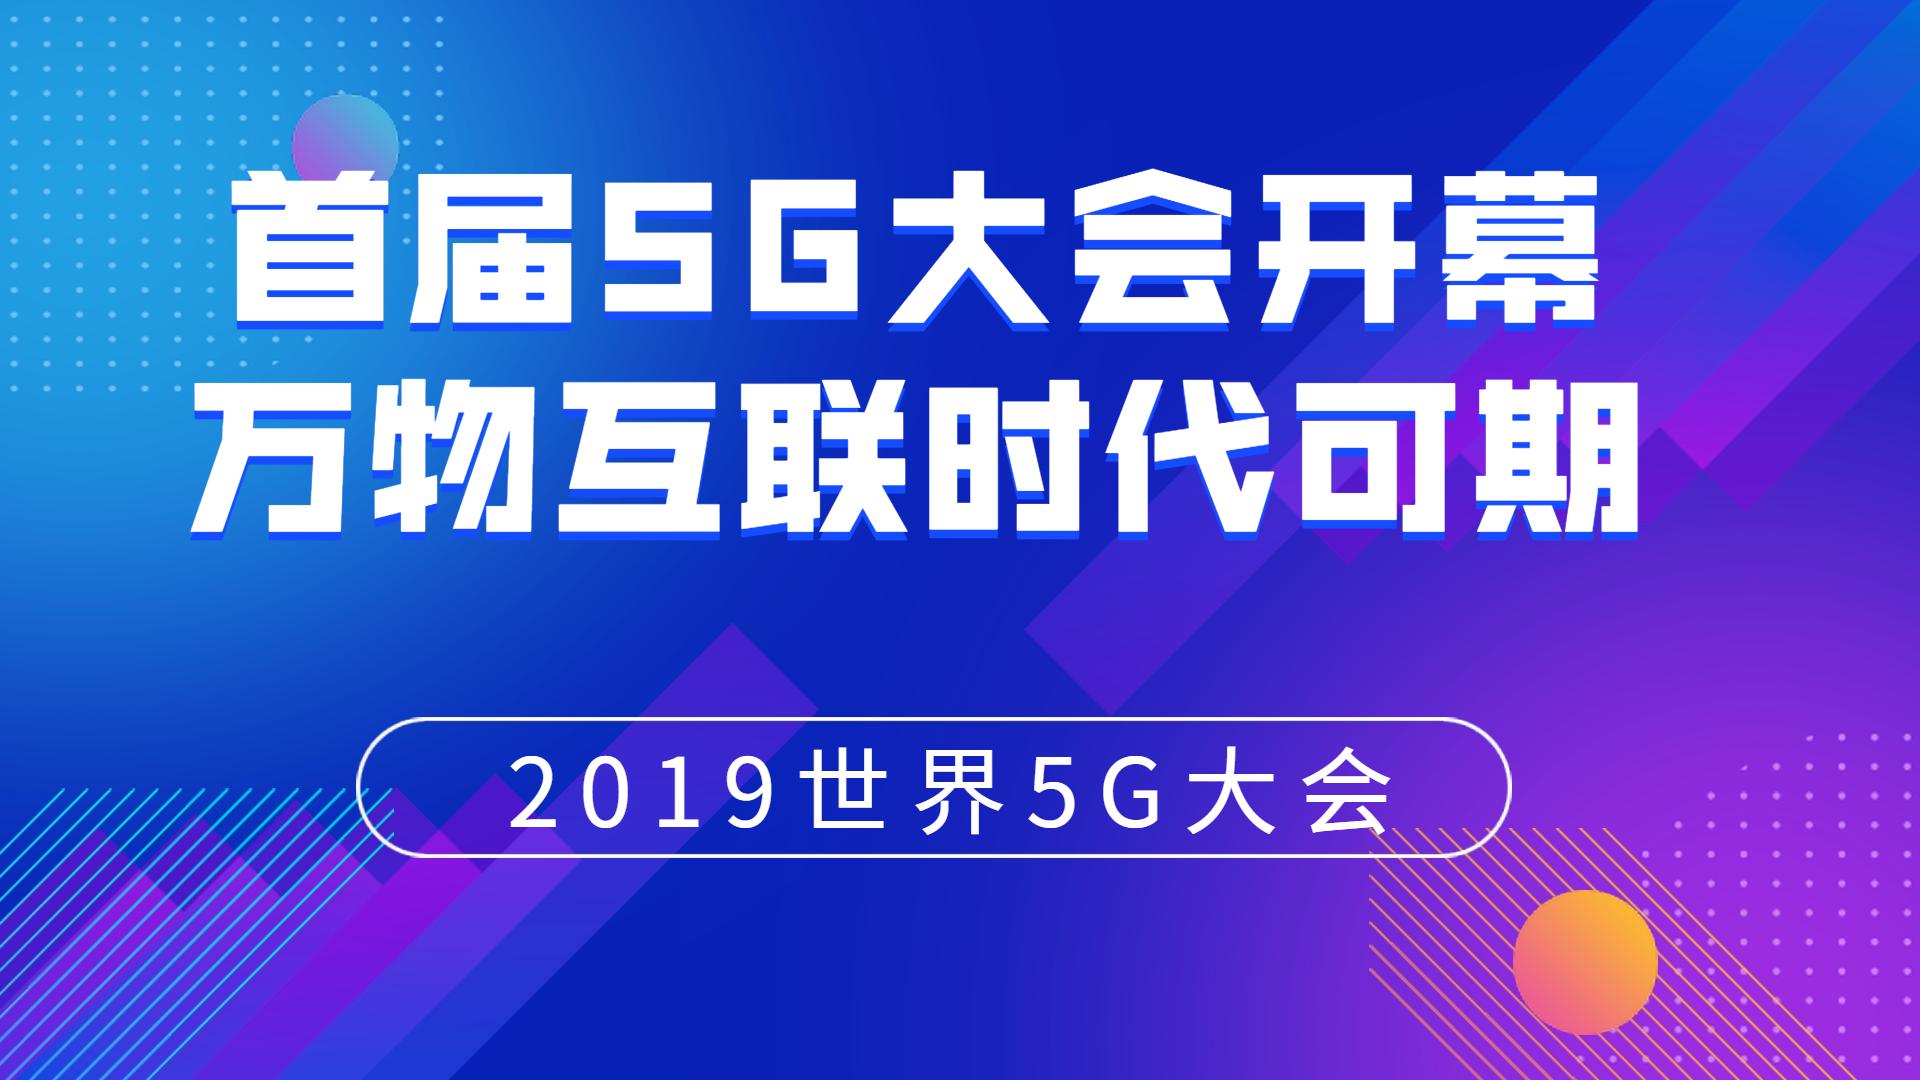 首届5G大会开幕 万物互联时代可期